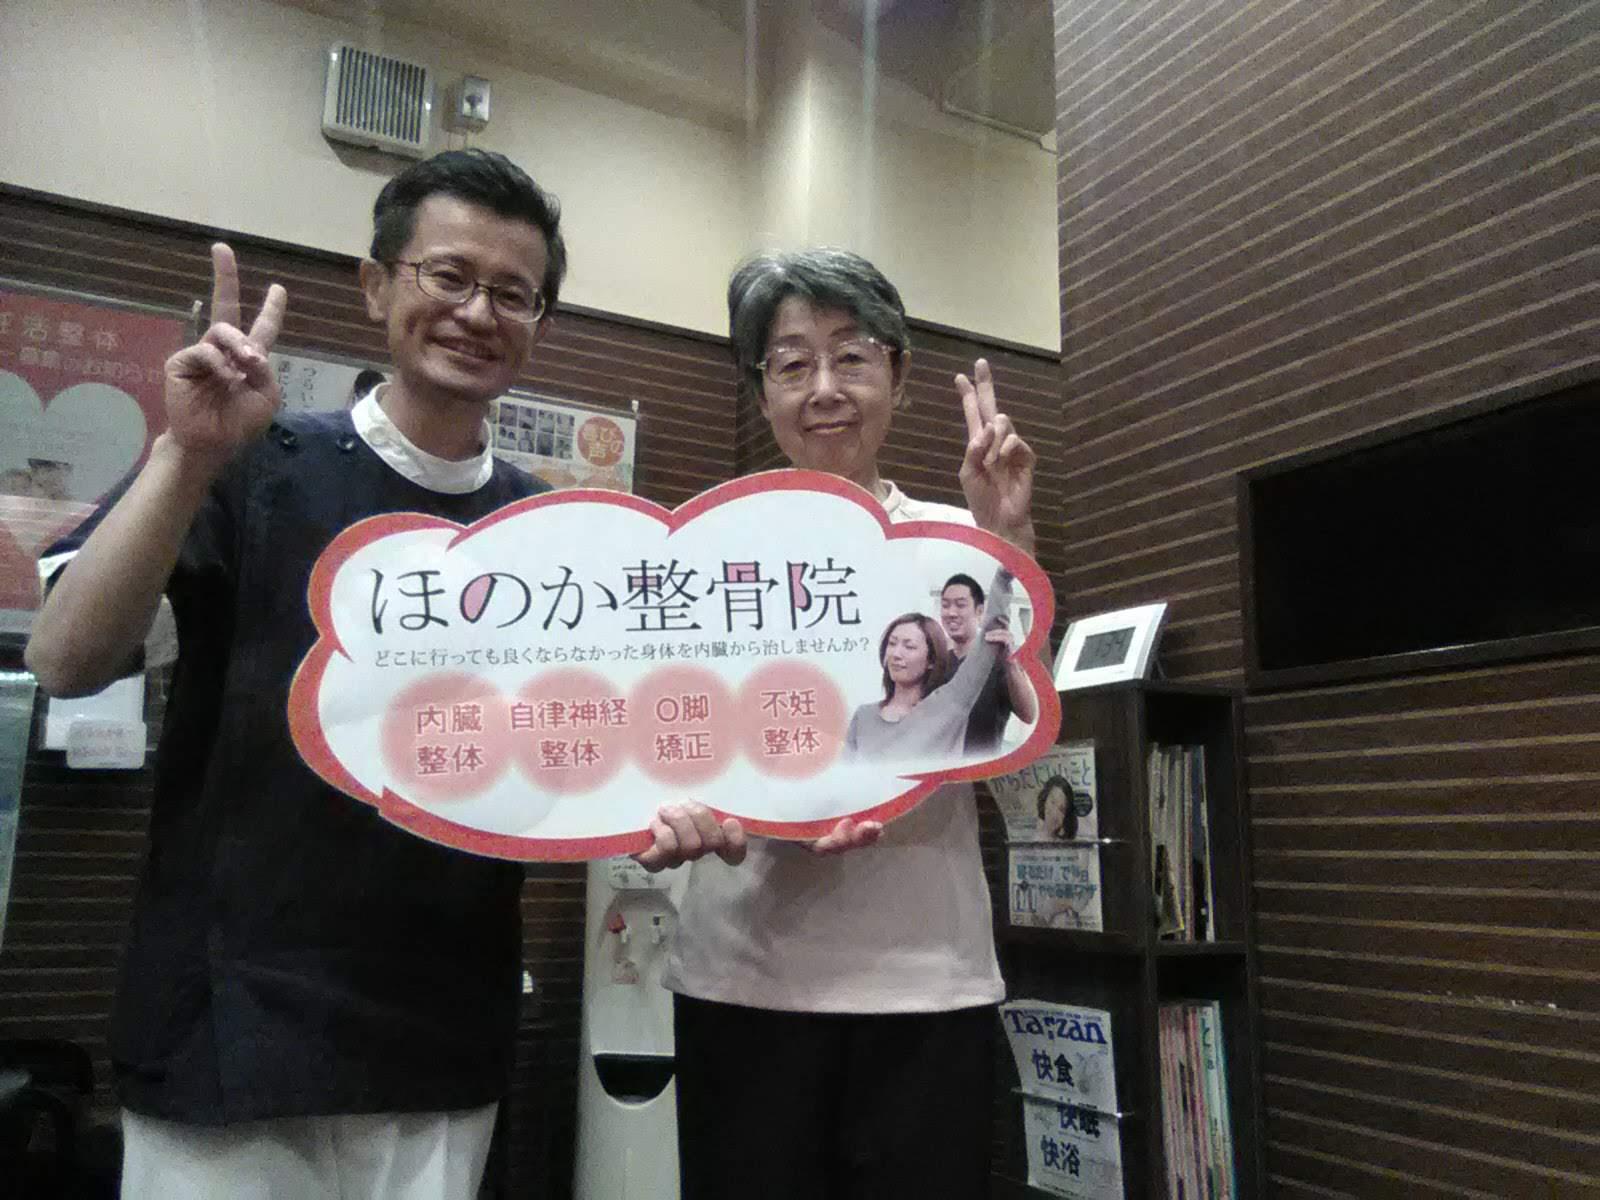 4992島田 美津子 へバーデン (1)